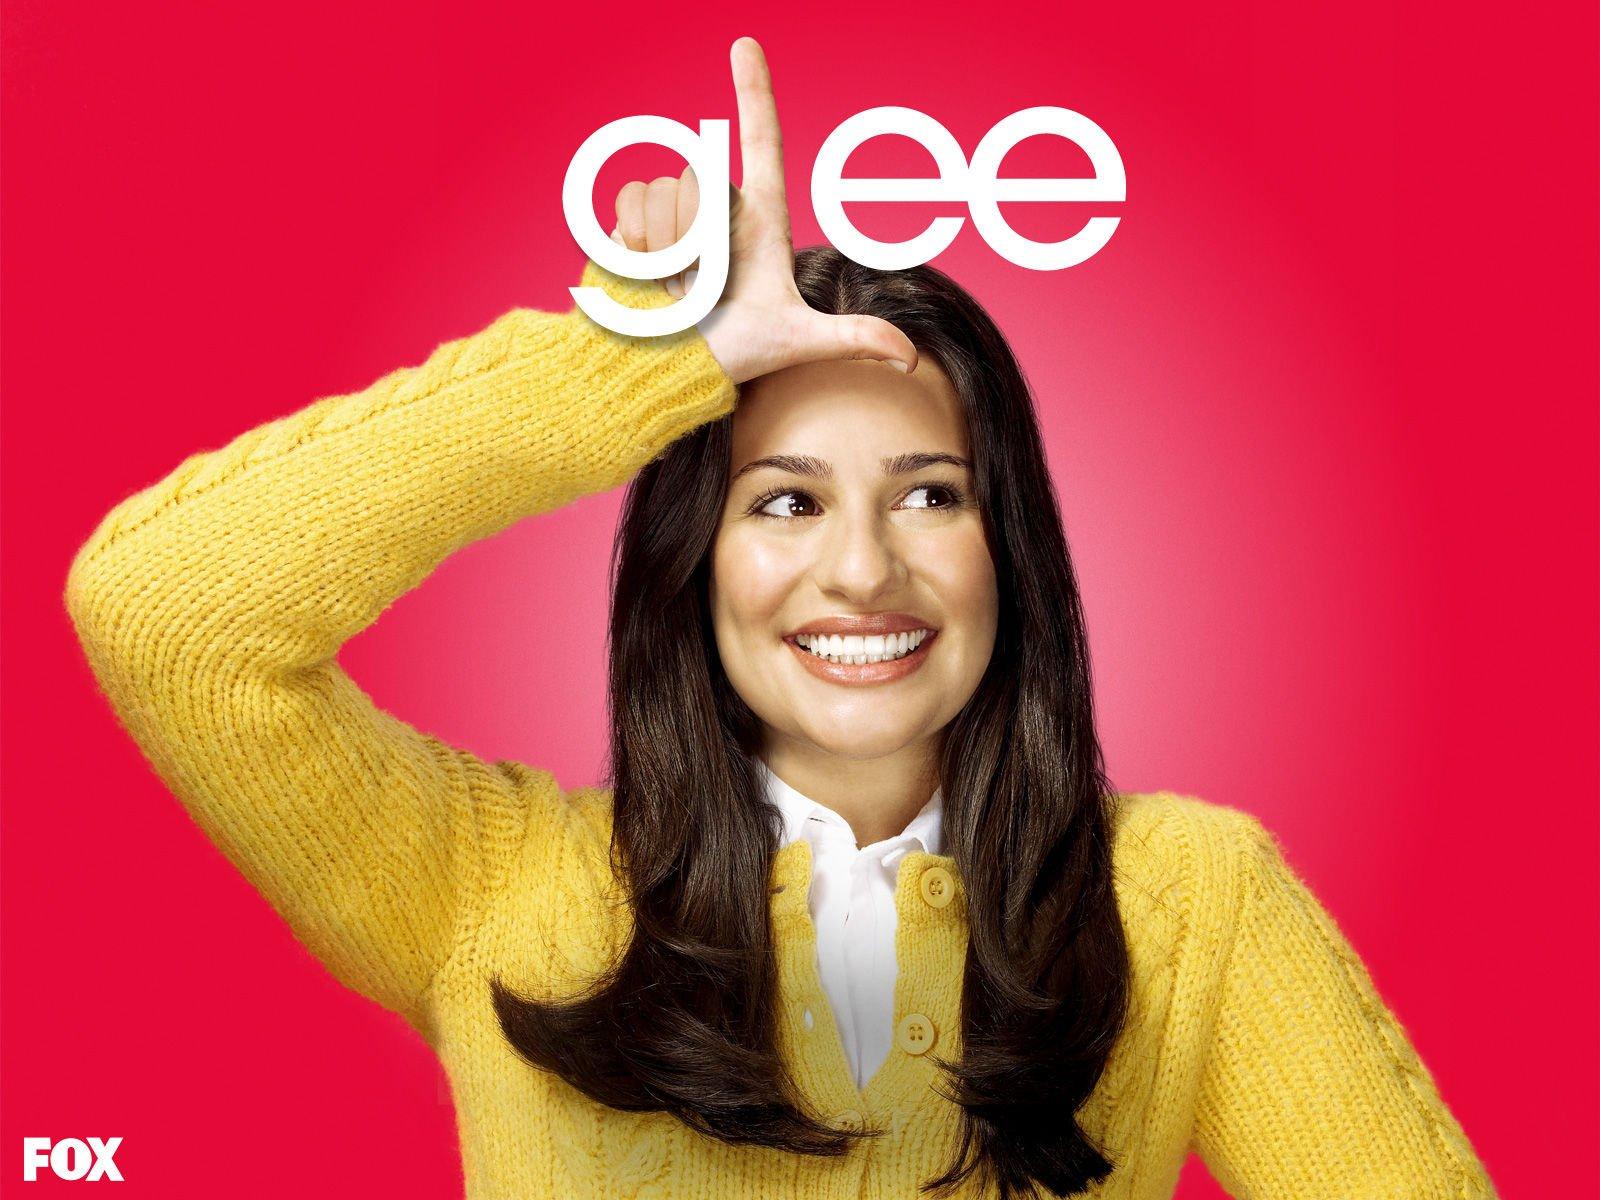 http://4.bp.blogspot.com/-EA1hjco83Ow/TbsrVy13QsI/AAAAAAAACTA/lHLguBuJquQ/s1600/Glee-wallpaper-Rachel.jpg